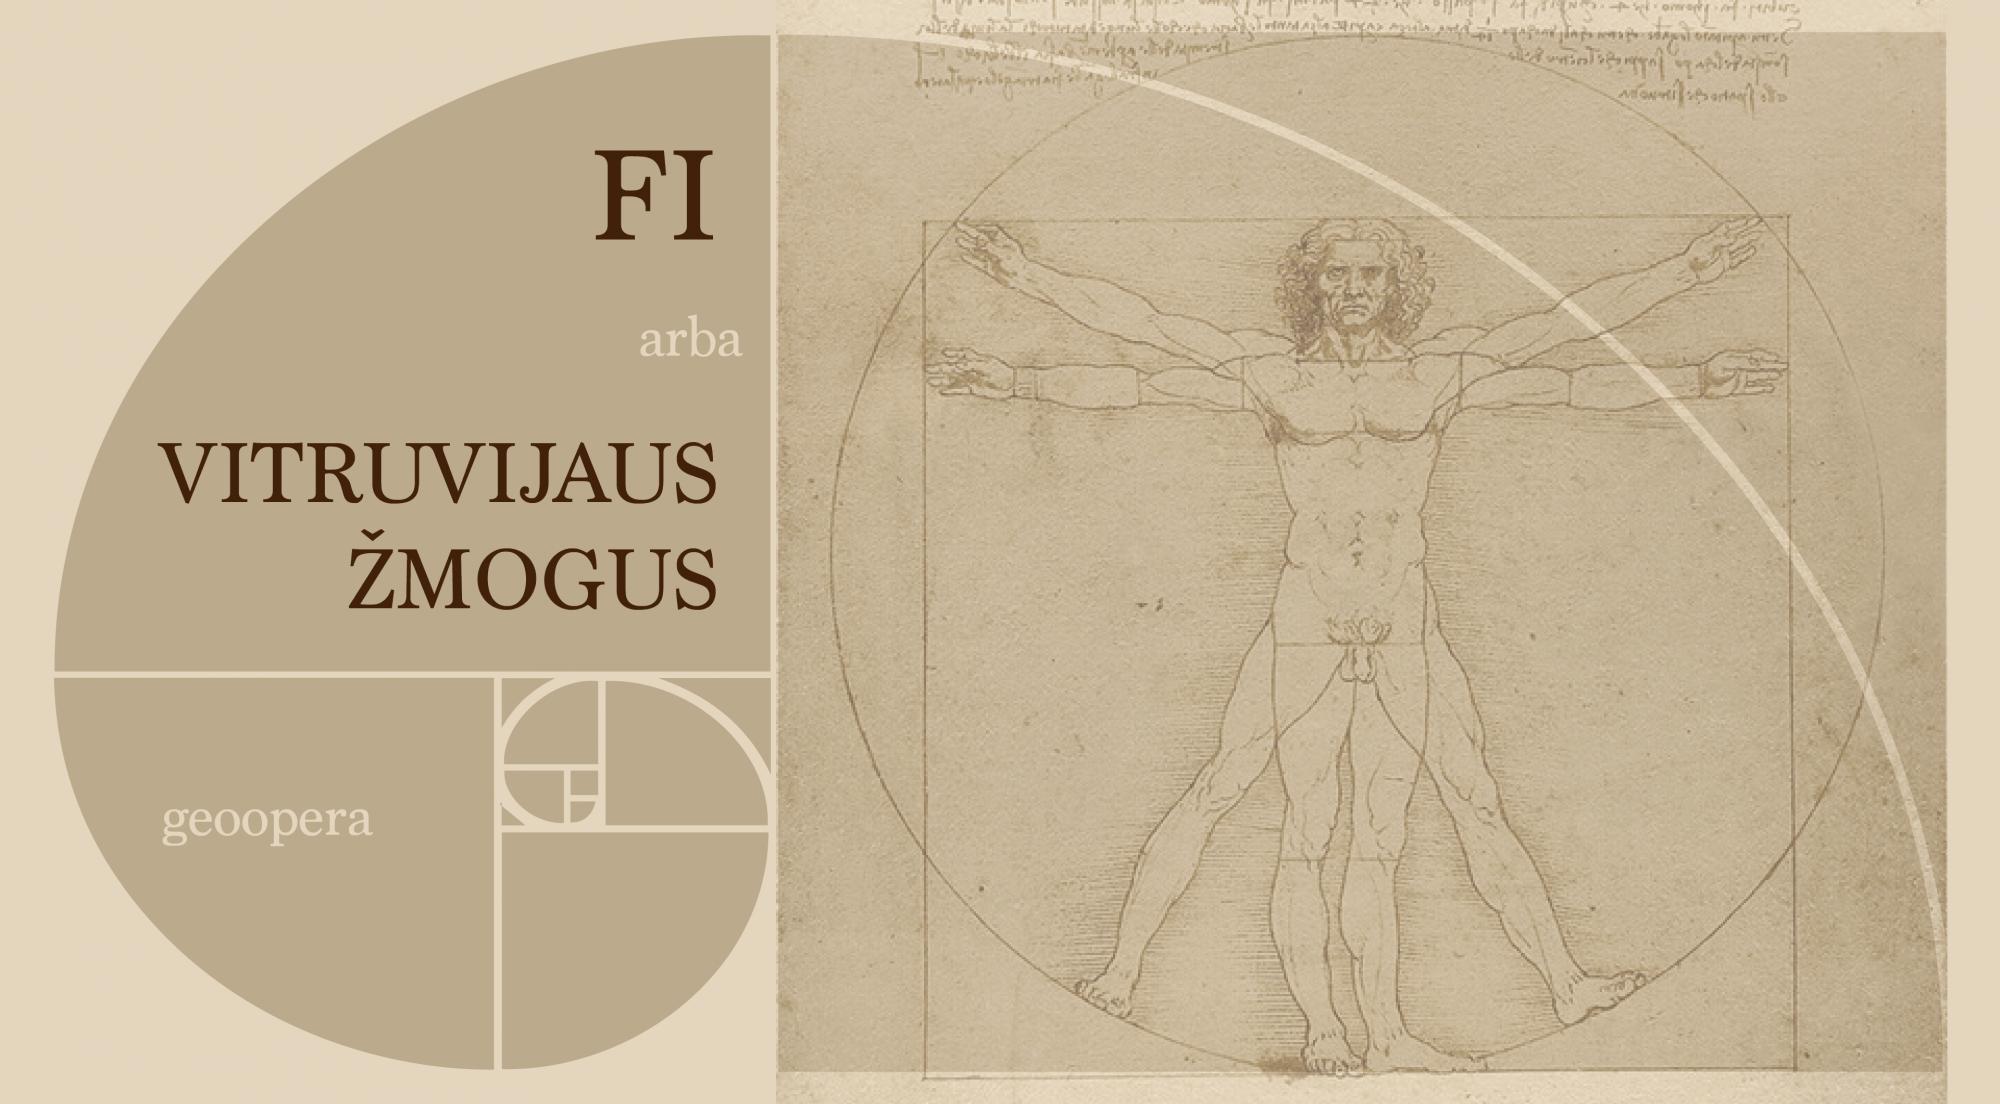 """Geoopera """"Vitruvijaus žmogus"""", arba """"FI"""""""